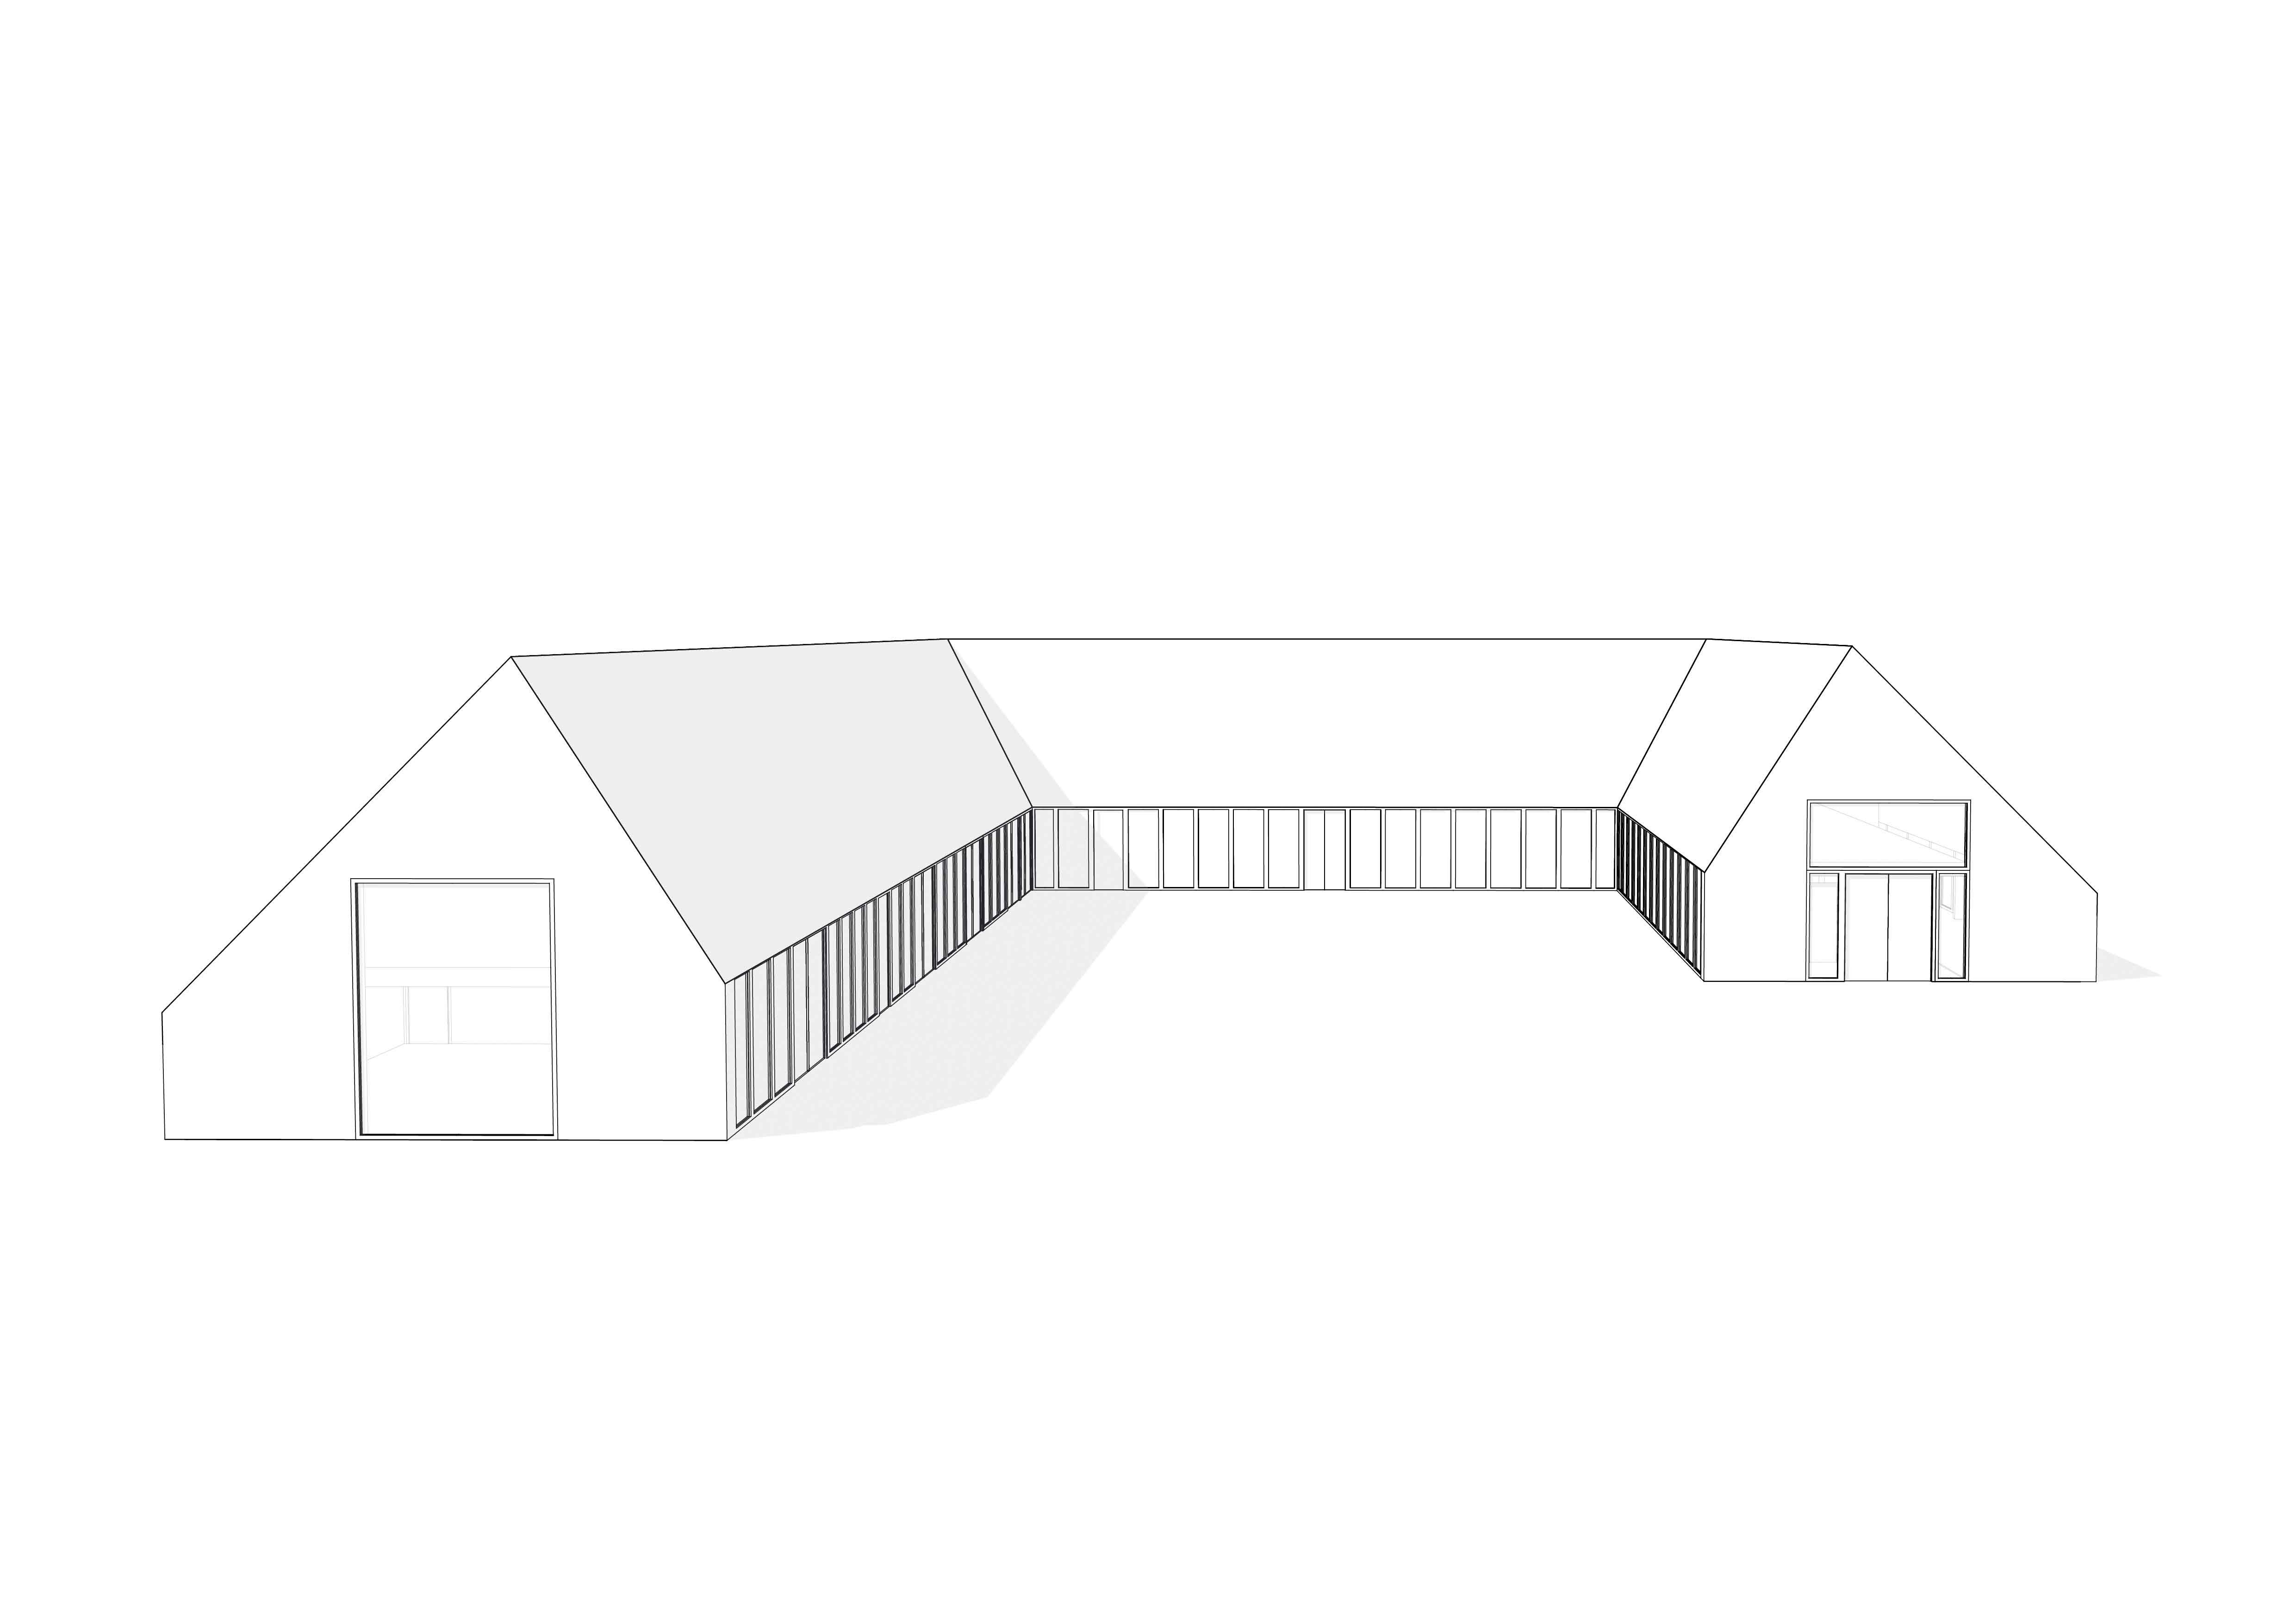 KUBIK Architektur - Studio für Architektur Berlin - architecture - Projekt- Hotellogistik - Perspektive